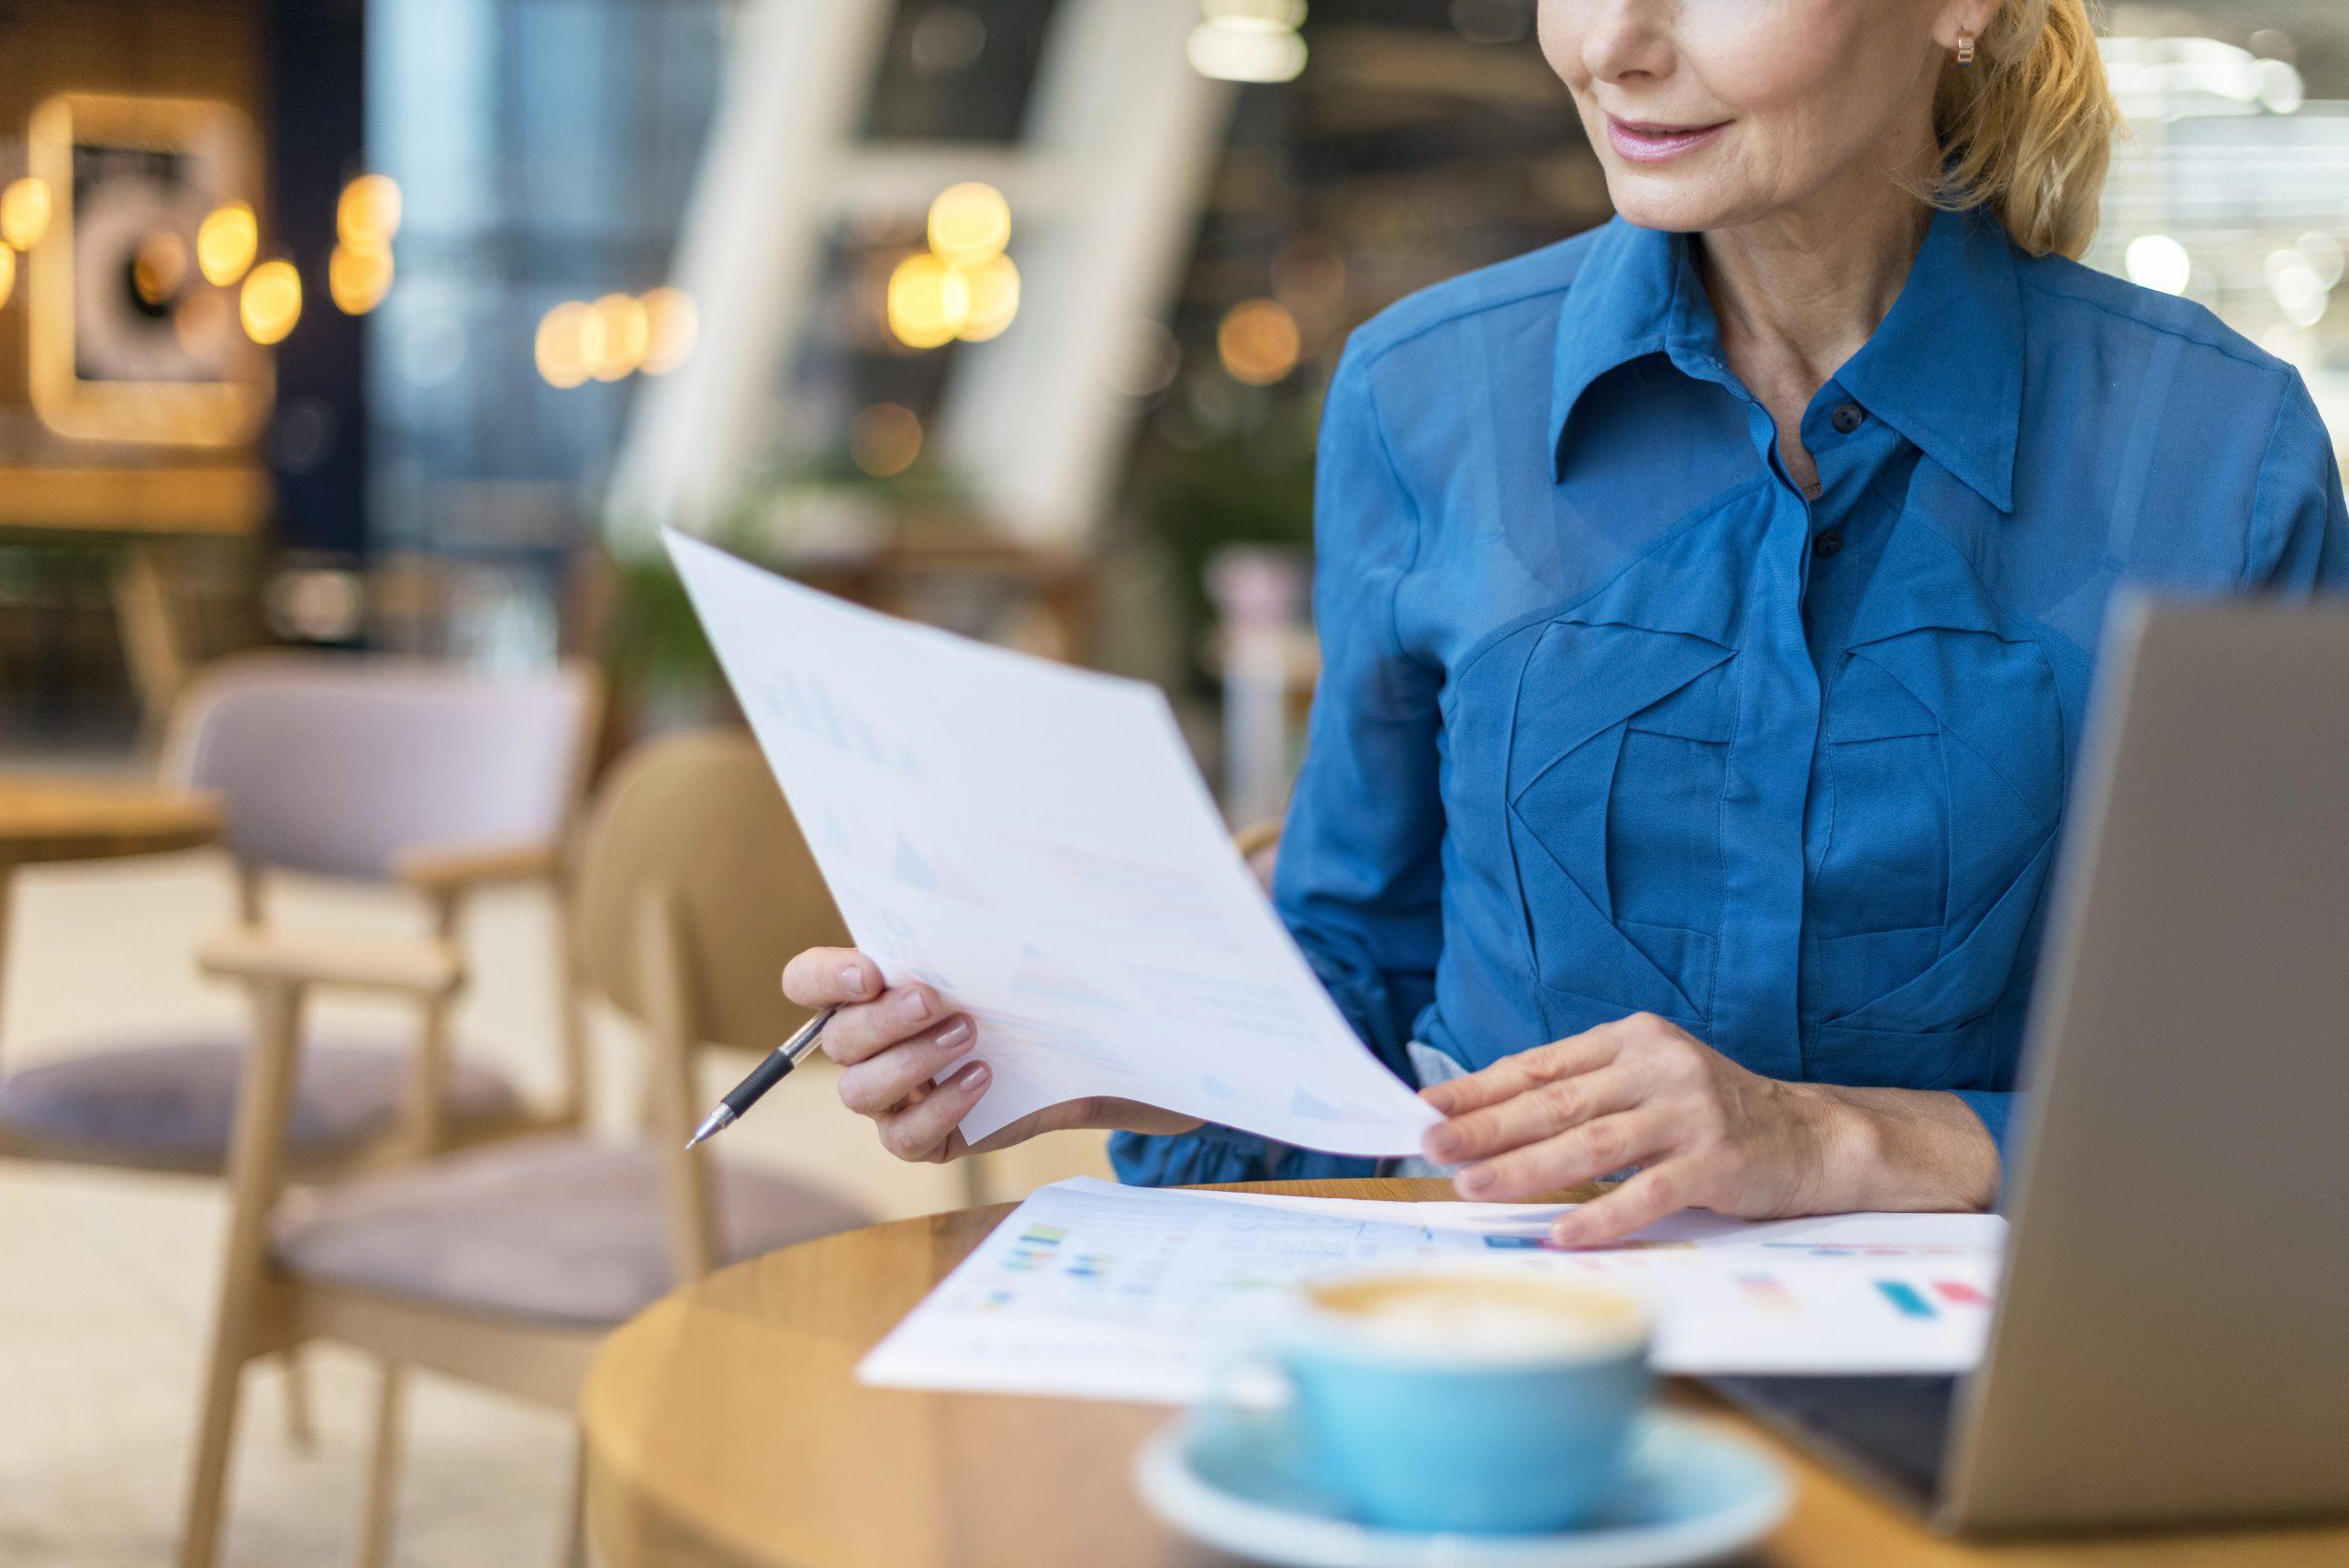 Femme de la protection adulte tien un contrat dans les mains pour signature